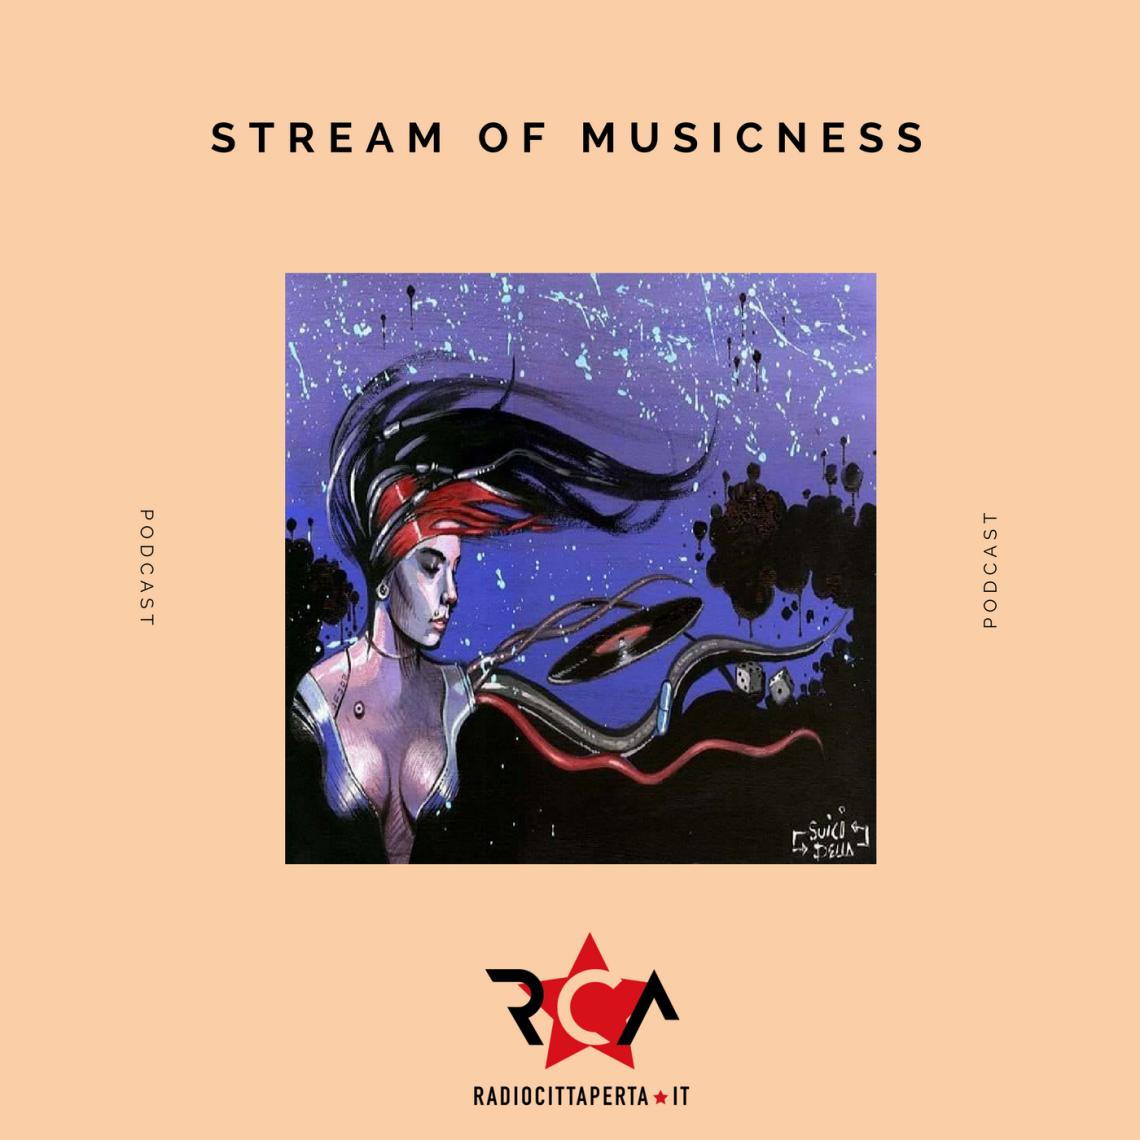 Kev Acid Anonymous + Fabrizio Riviello + Gabriele Rizzo + Marco Micheli + Fabio Cirquit techno dj set @ Stream of Musicness del 29/04/2018